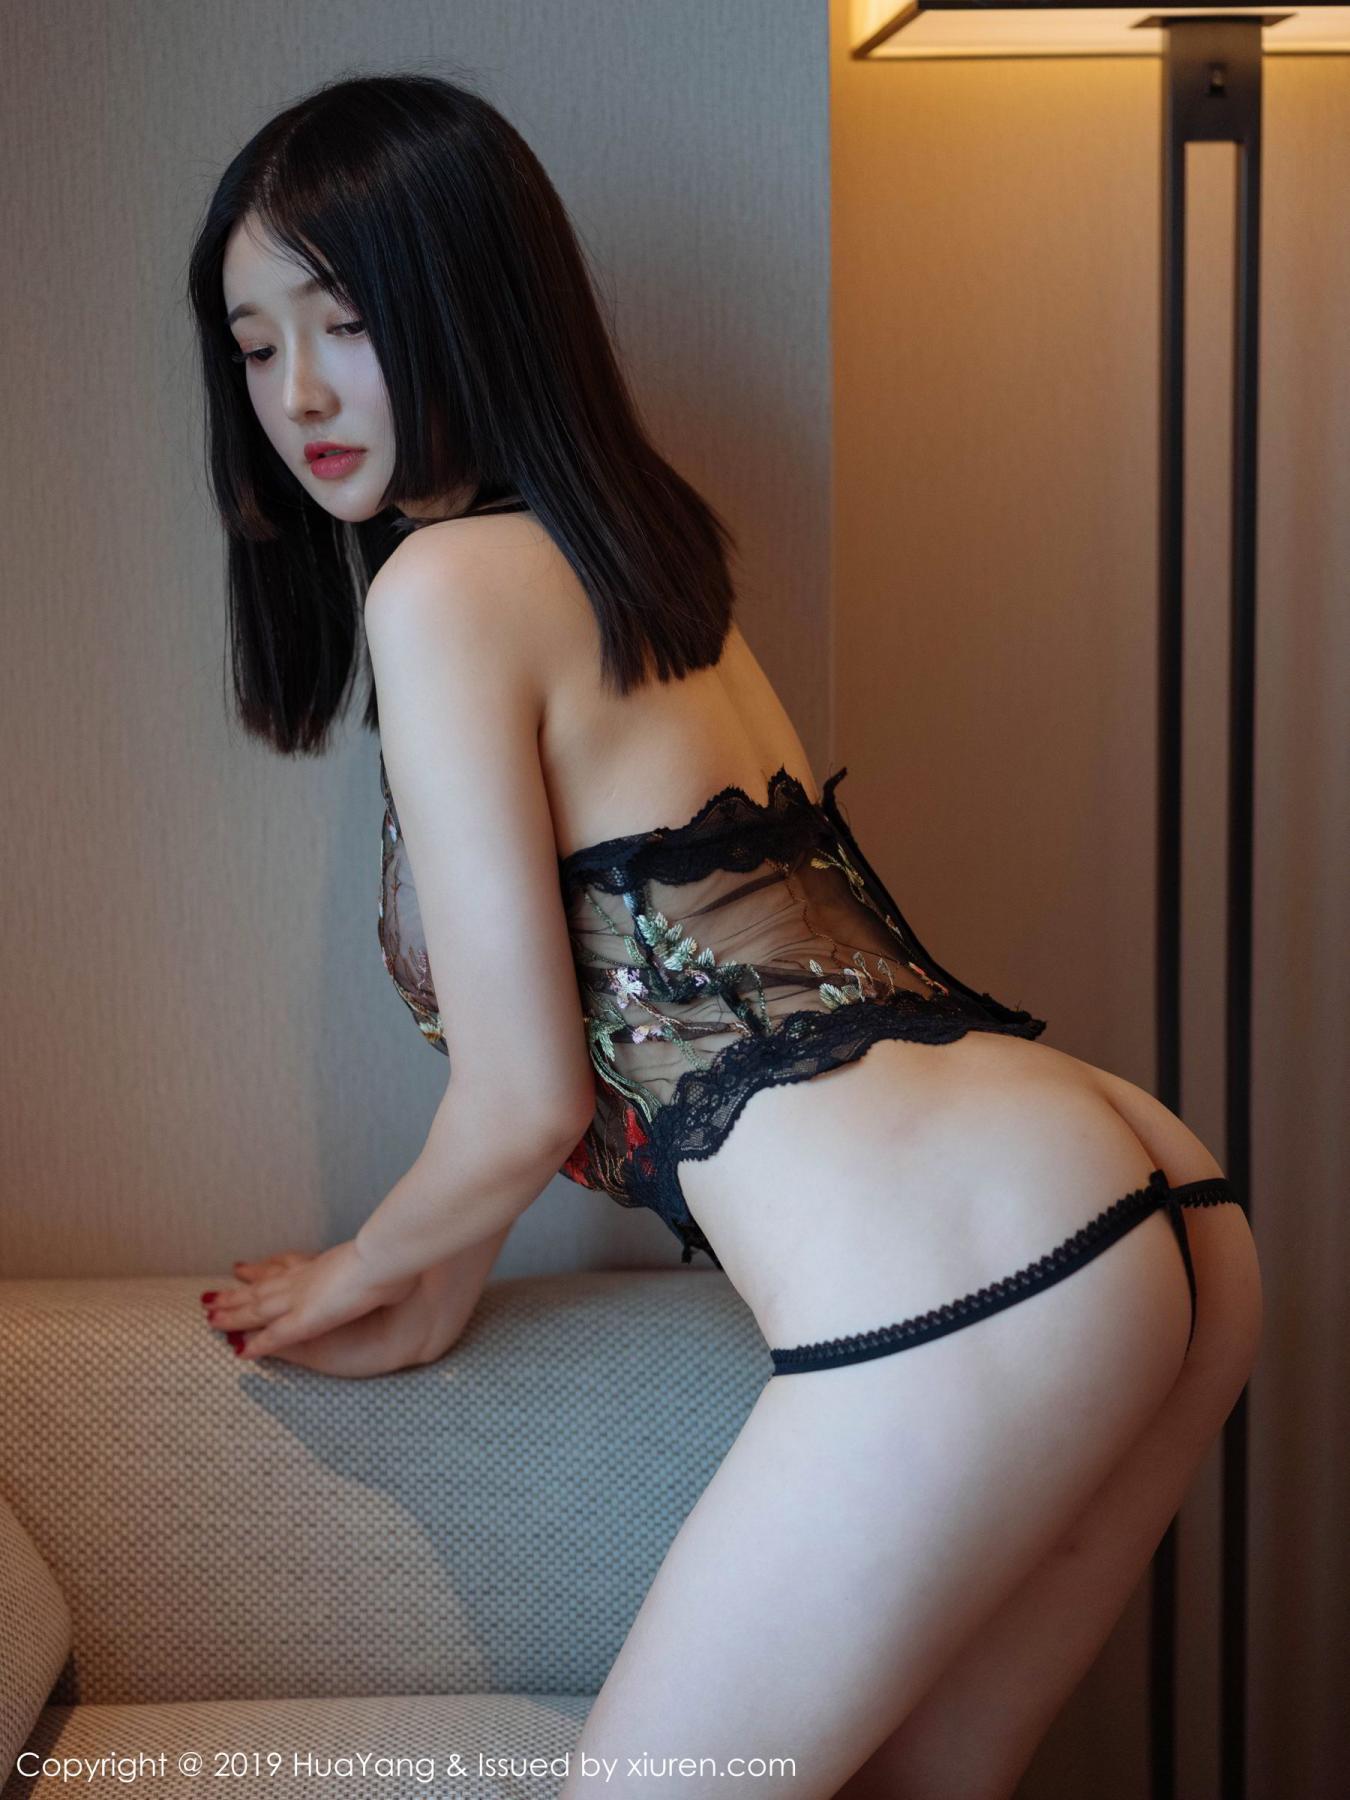 [Huayang] Vol.117 Tang Wan Er 8P, Adult, Black Silk, HuaYang, Sexy, Tang Wan Er